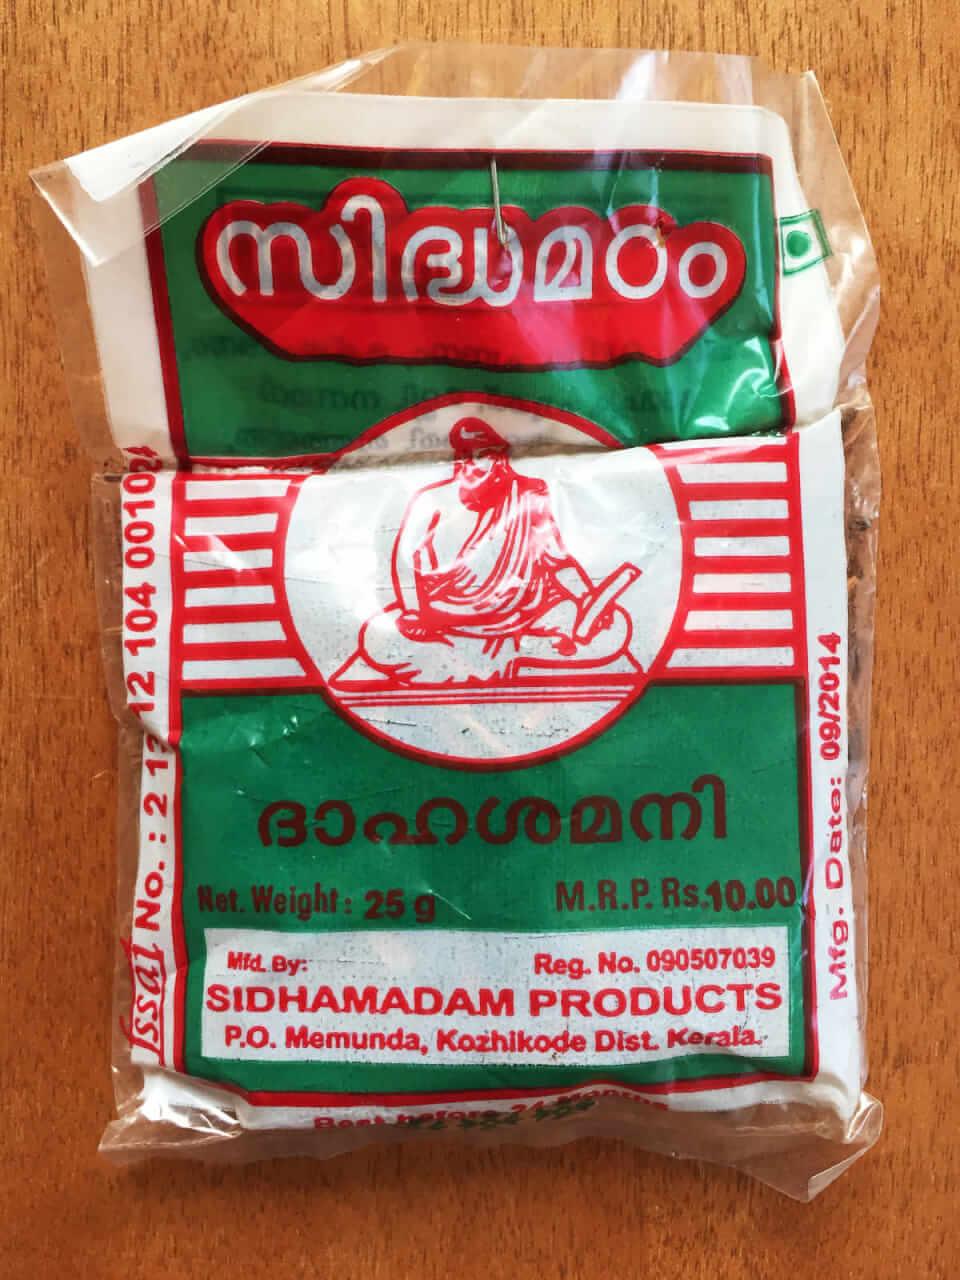 Pathimukhamパッケージ表